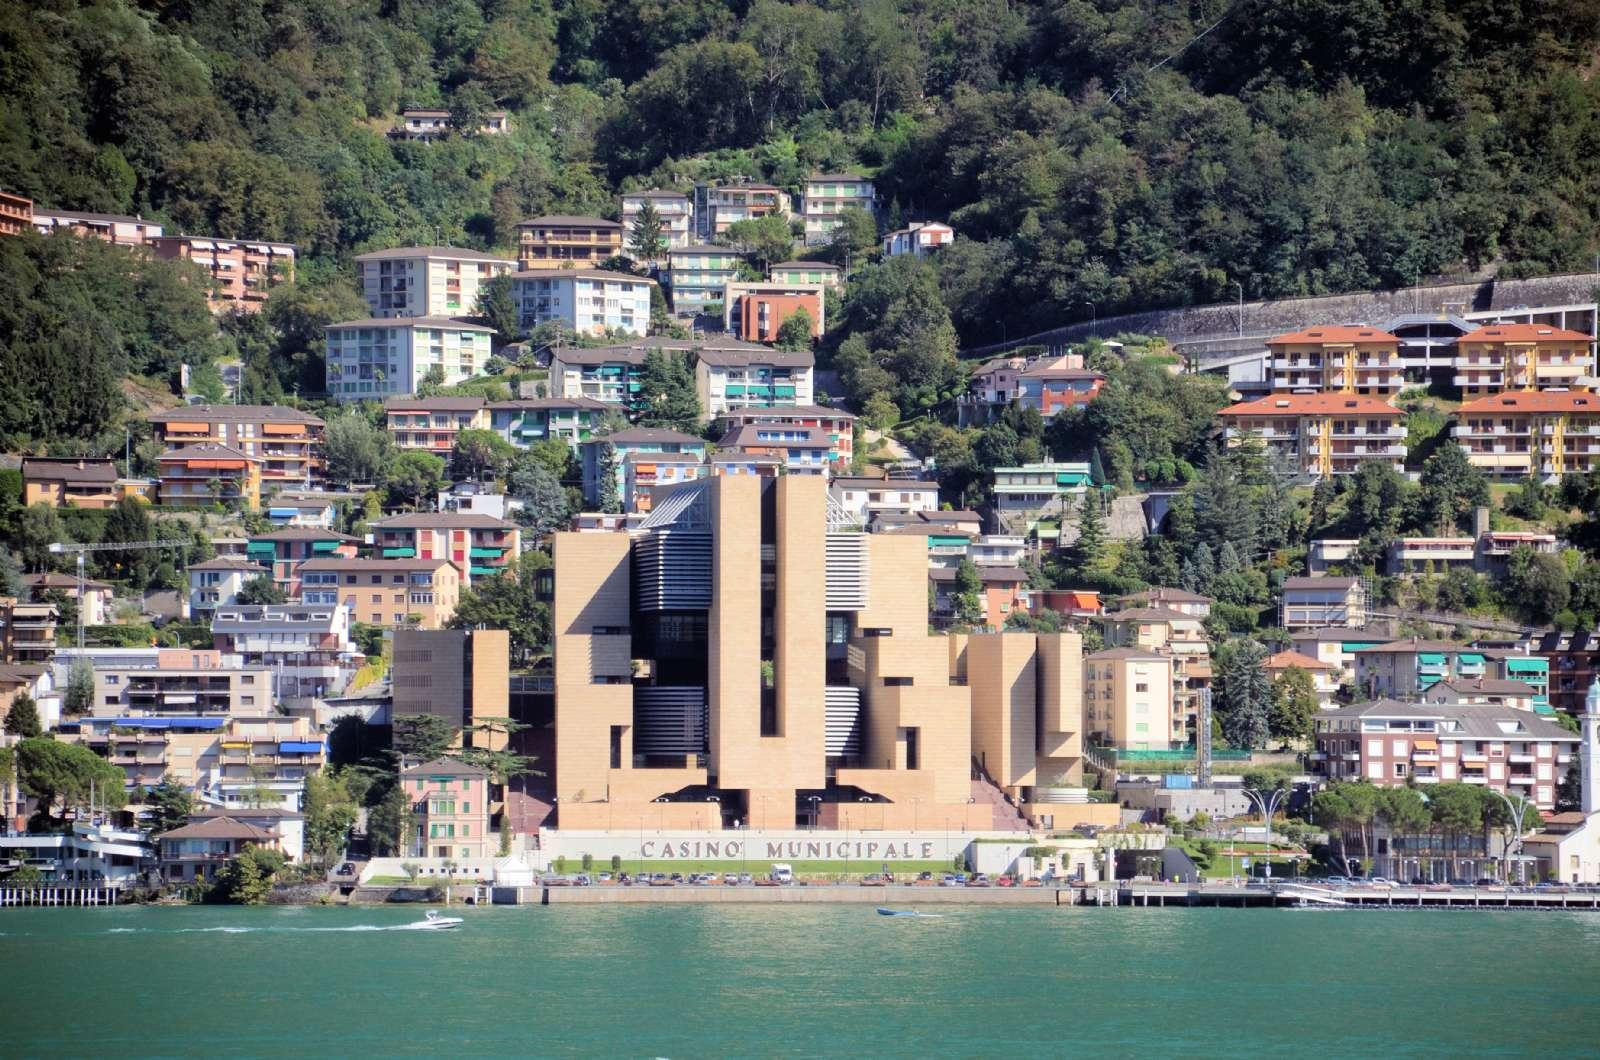 Die italienische Stadt Campione d'Italia in der Schweiz